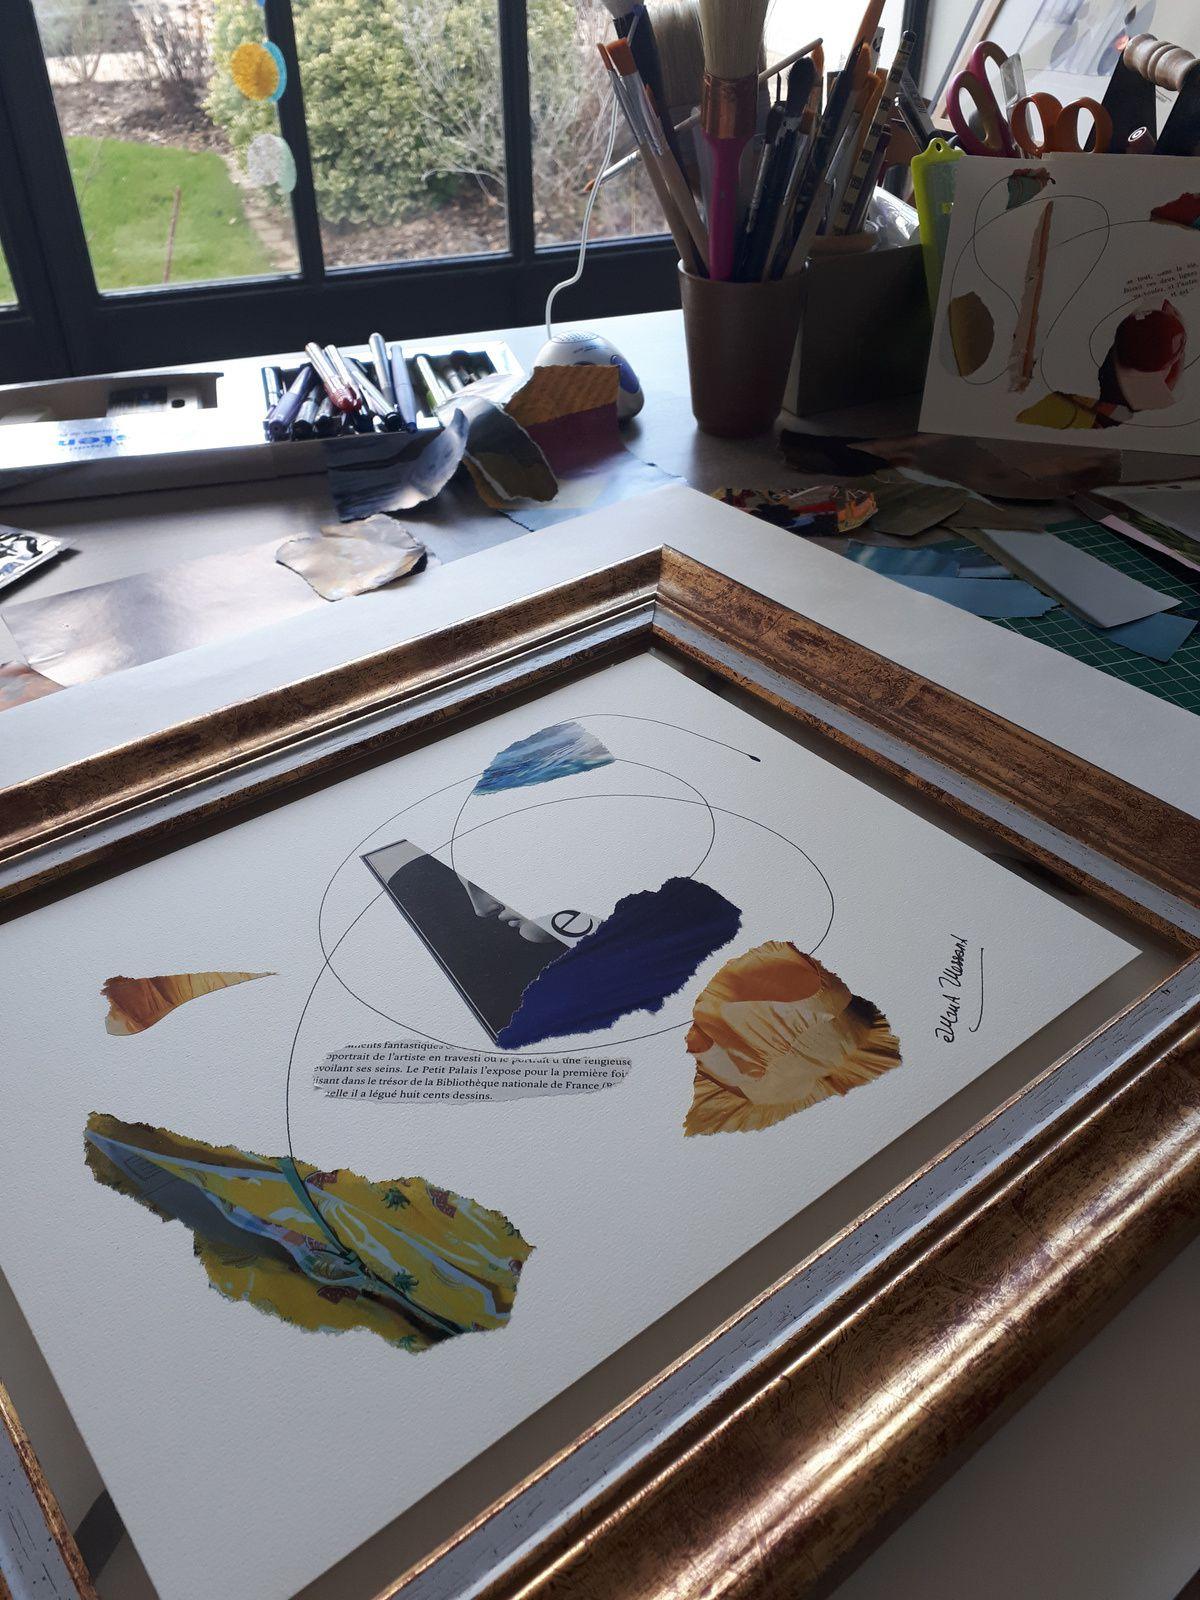 """Les Collages d'eMmA MessanA, collage N°386 """"eMmAbécédaire E"""" à peine terminé, dans l'atelier, pièce unique © eMmA MessanA"""